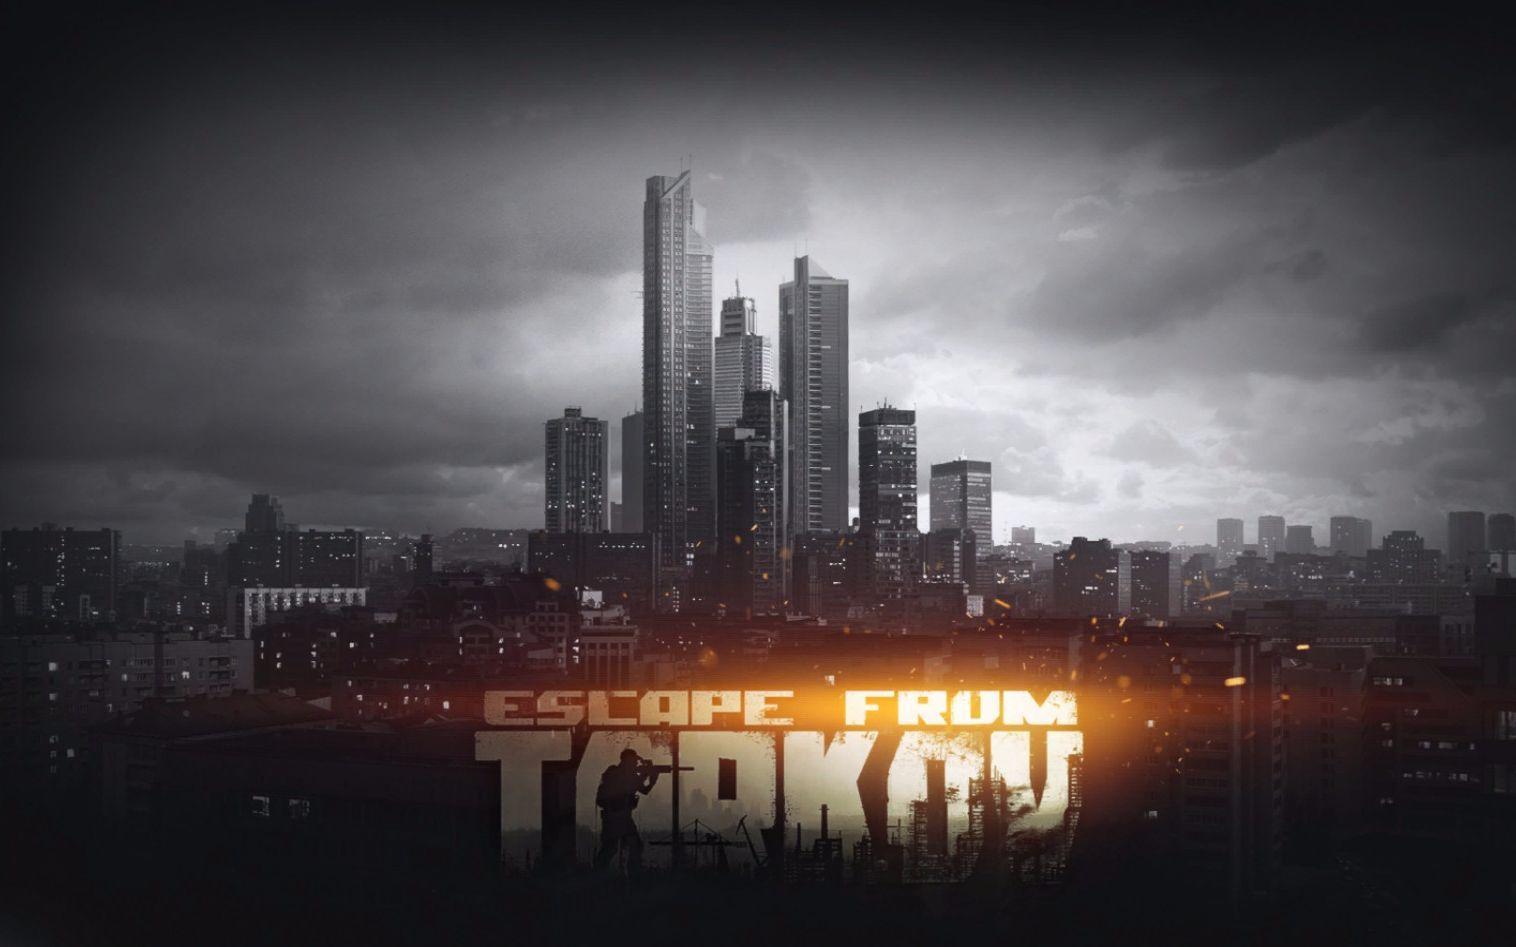 《逃離塔科夫》游戲里的技能是什么意思?